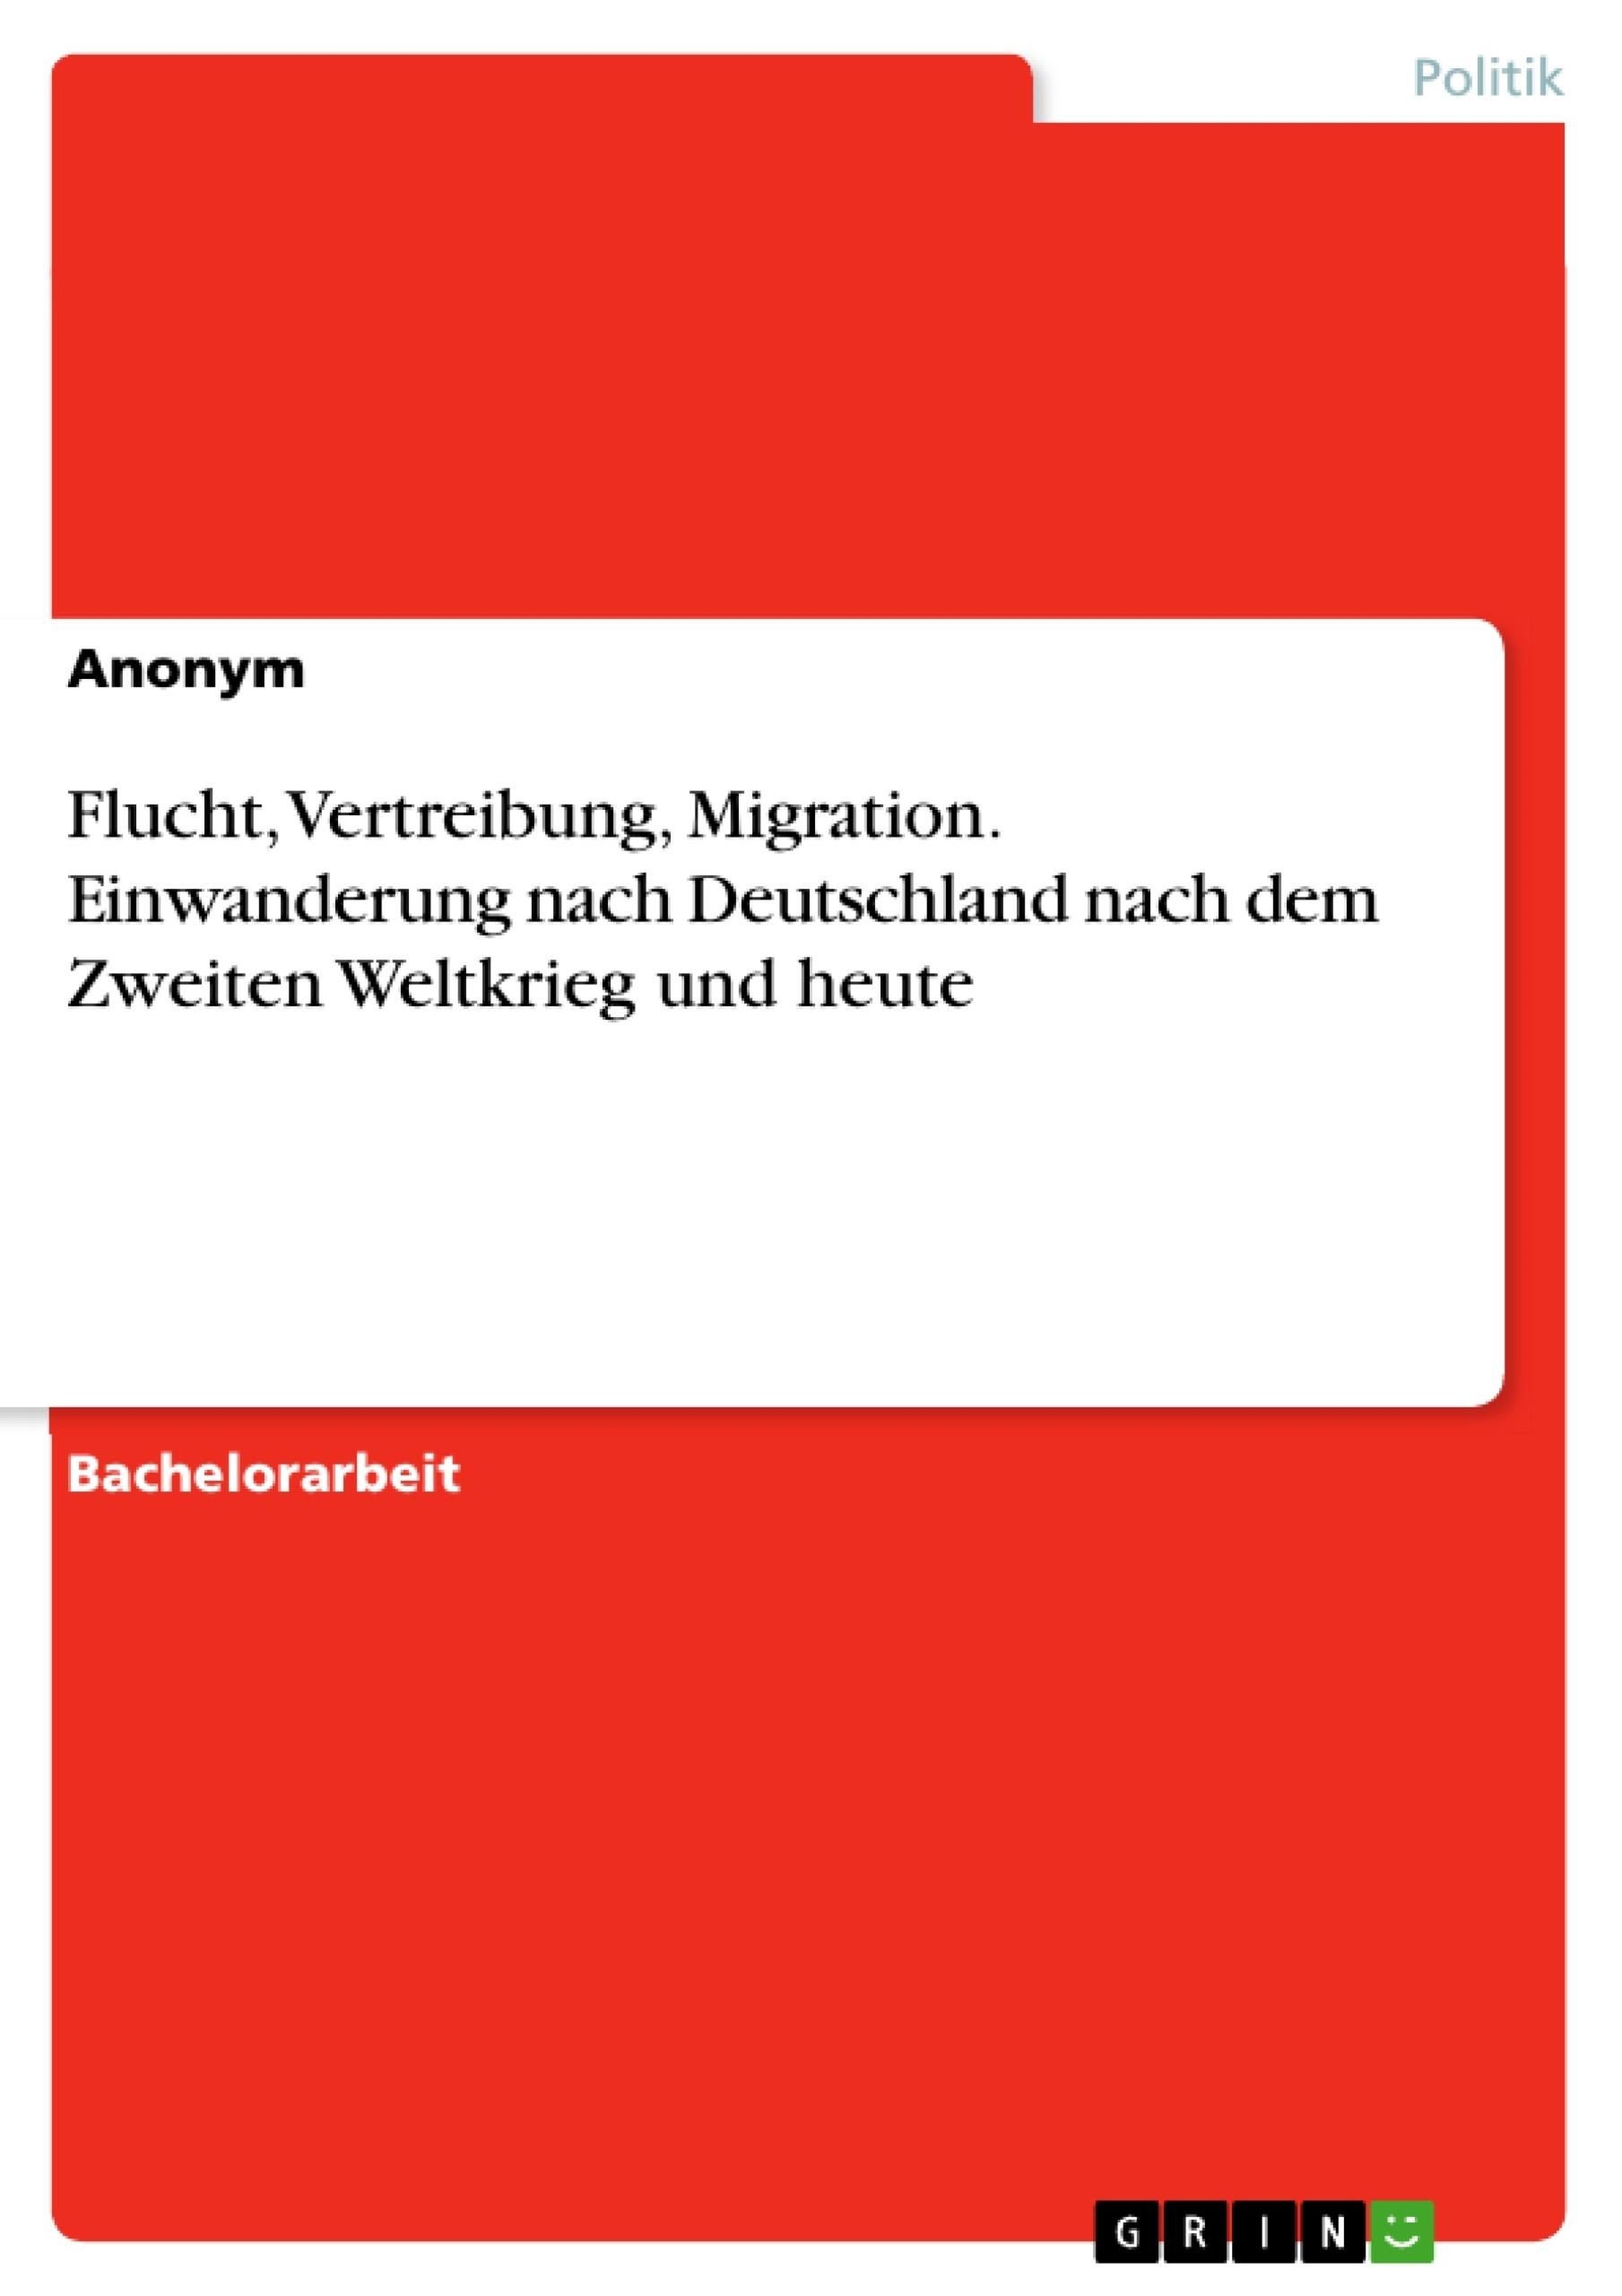 Titel: Flucht, Vertreibung, Migration. Einwanderung nach Deutschland nach dem Zweiten Weltkrieg und heute